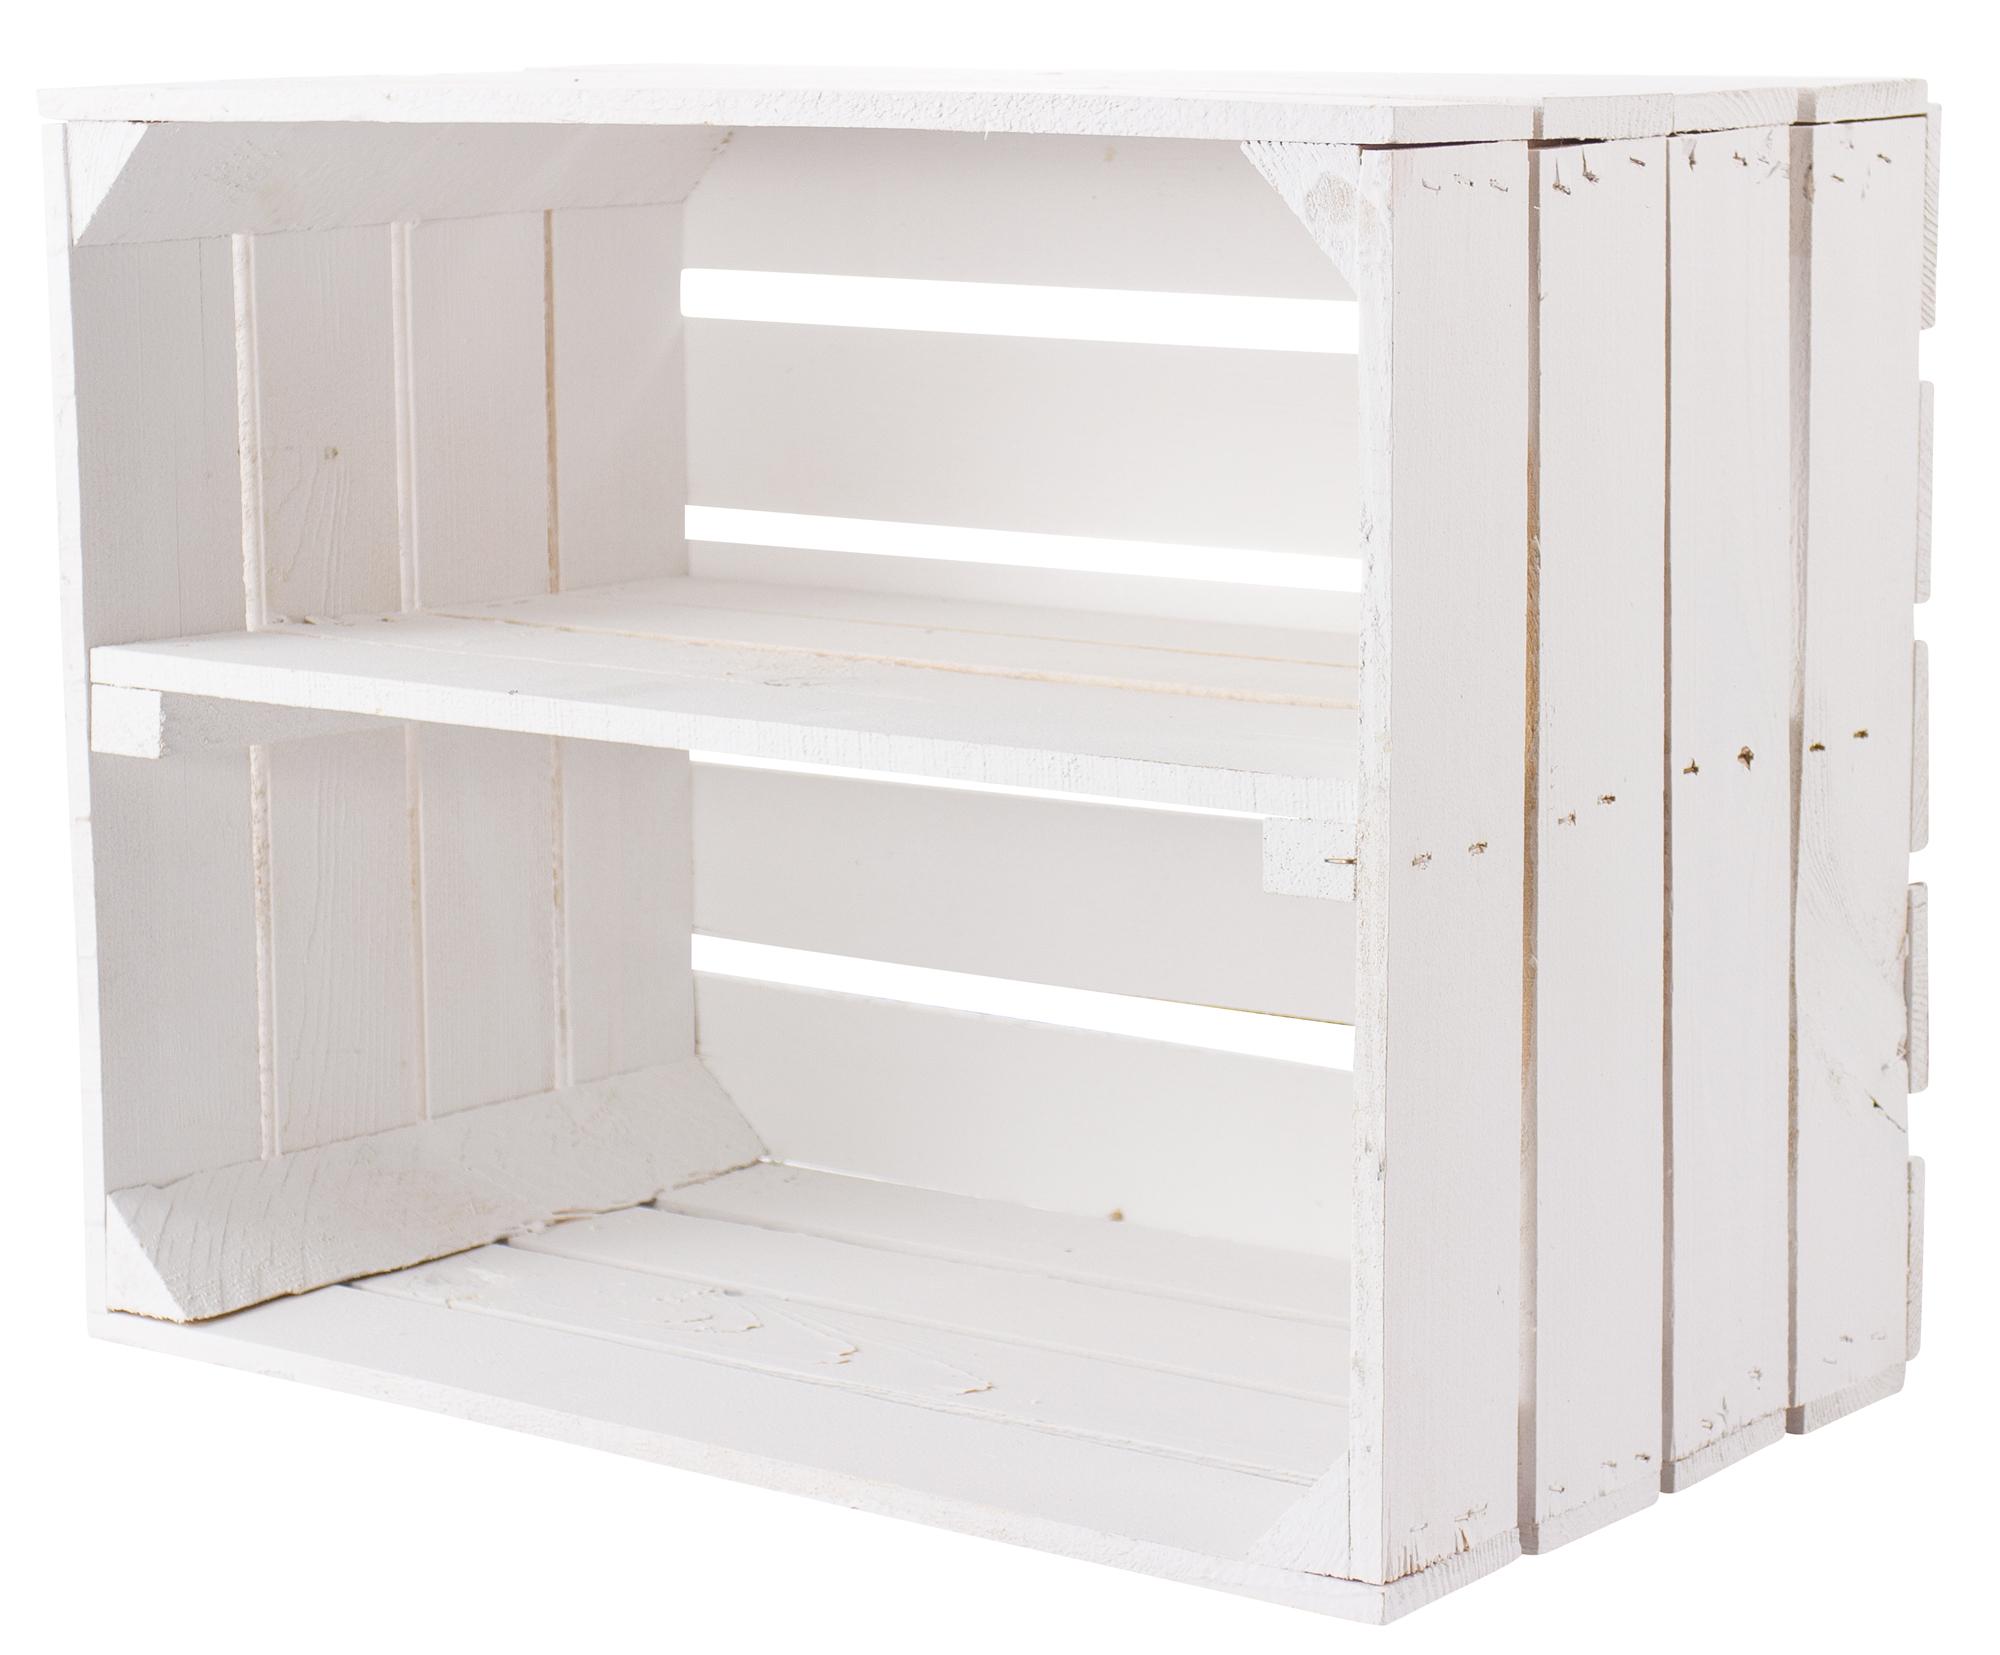 Weiße Kiste als Schuh- und Bücherregal  50x40x30cm